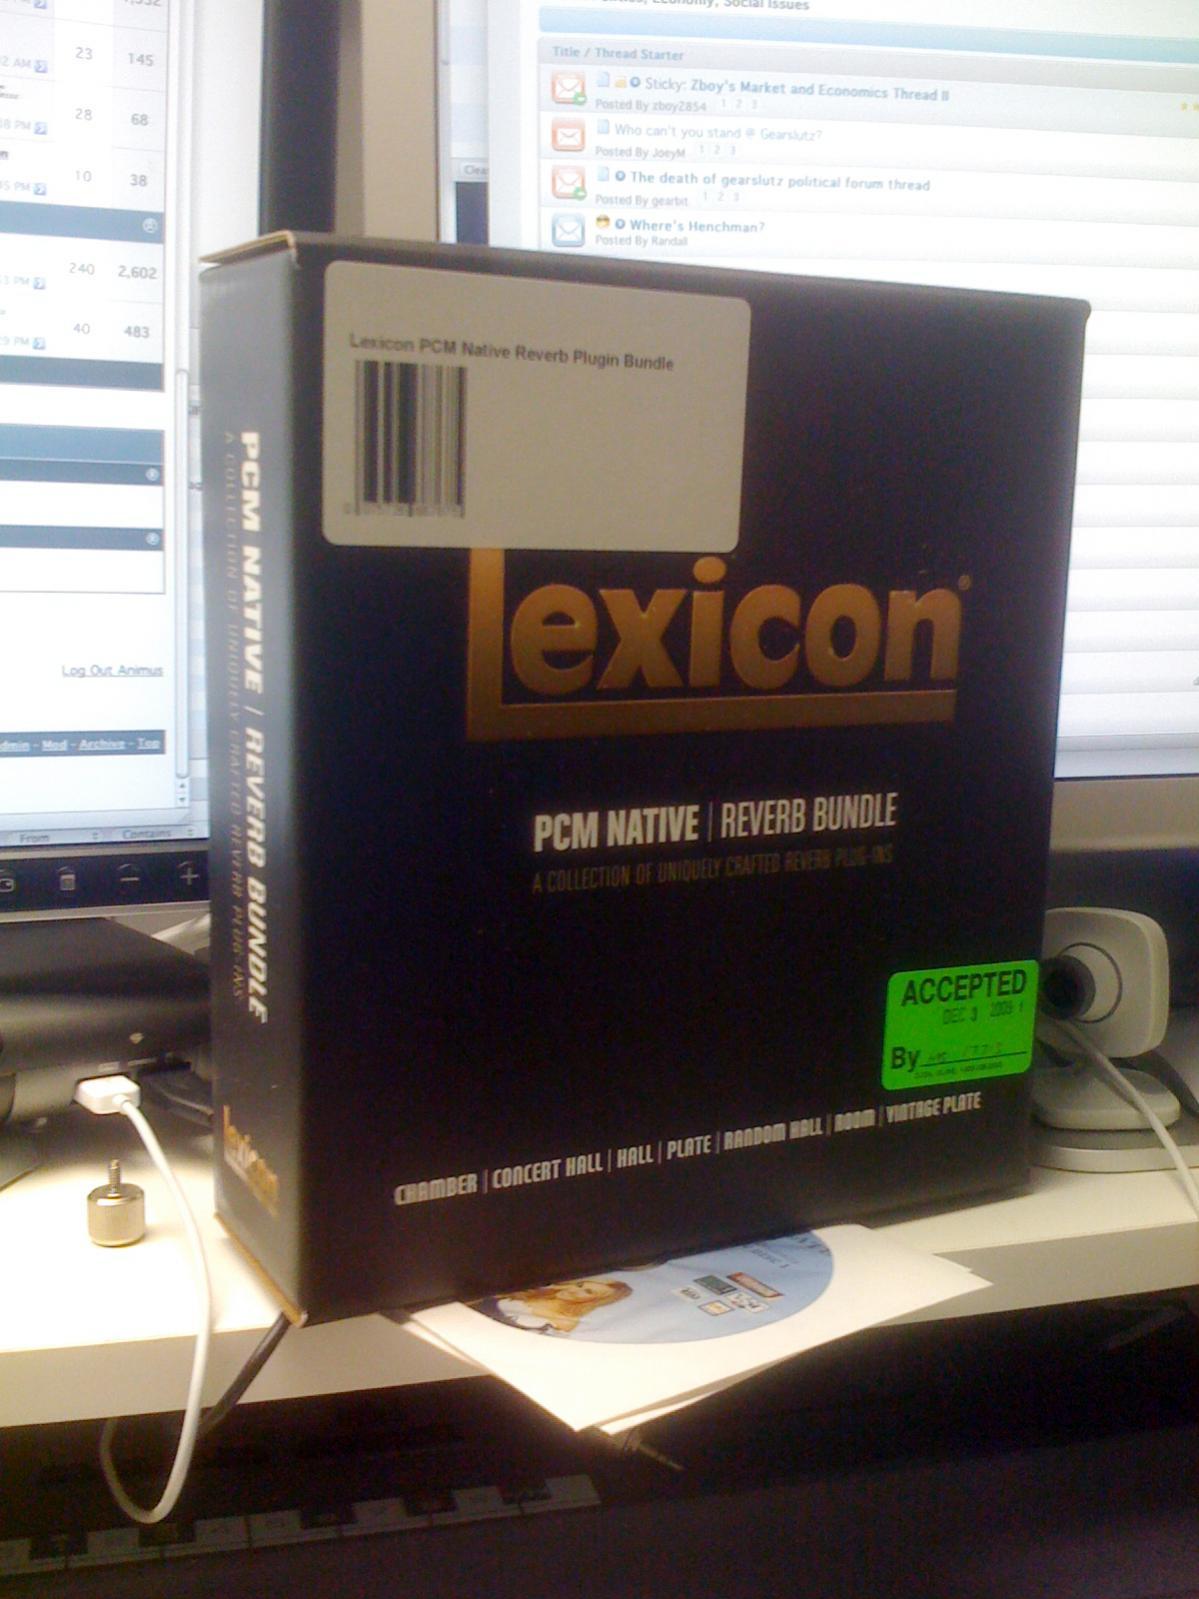 lexicon pcm native reverb plugin bundle page 41 gearslutz pro audio community. Black Bedroom Furniture Sets. Home Design Ideas